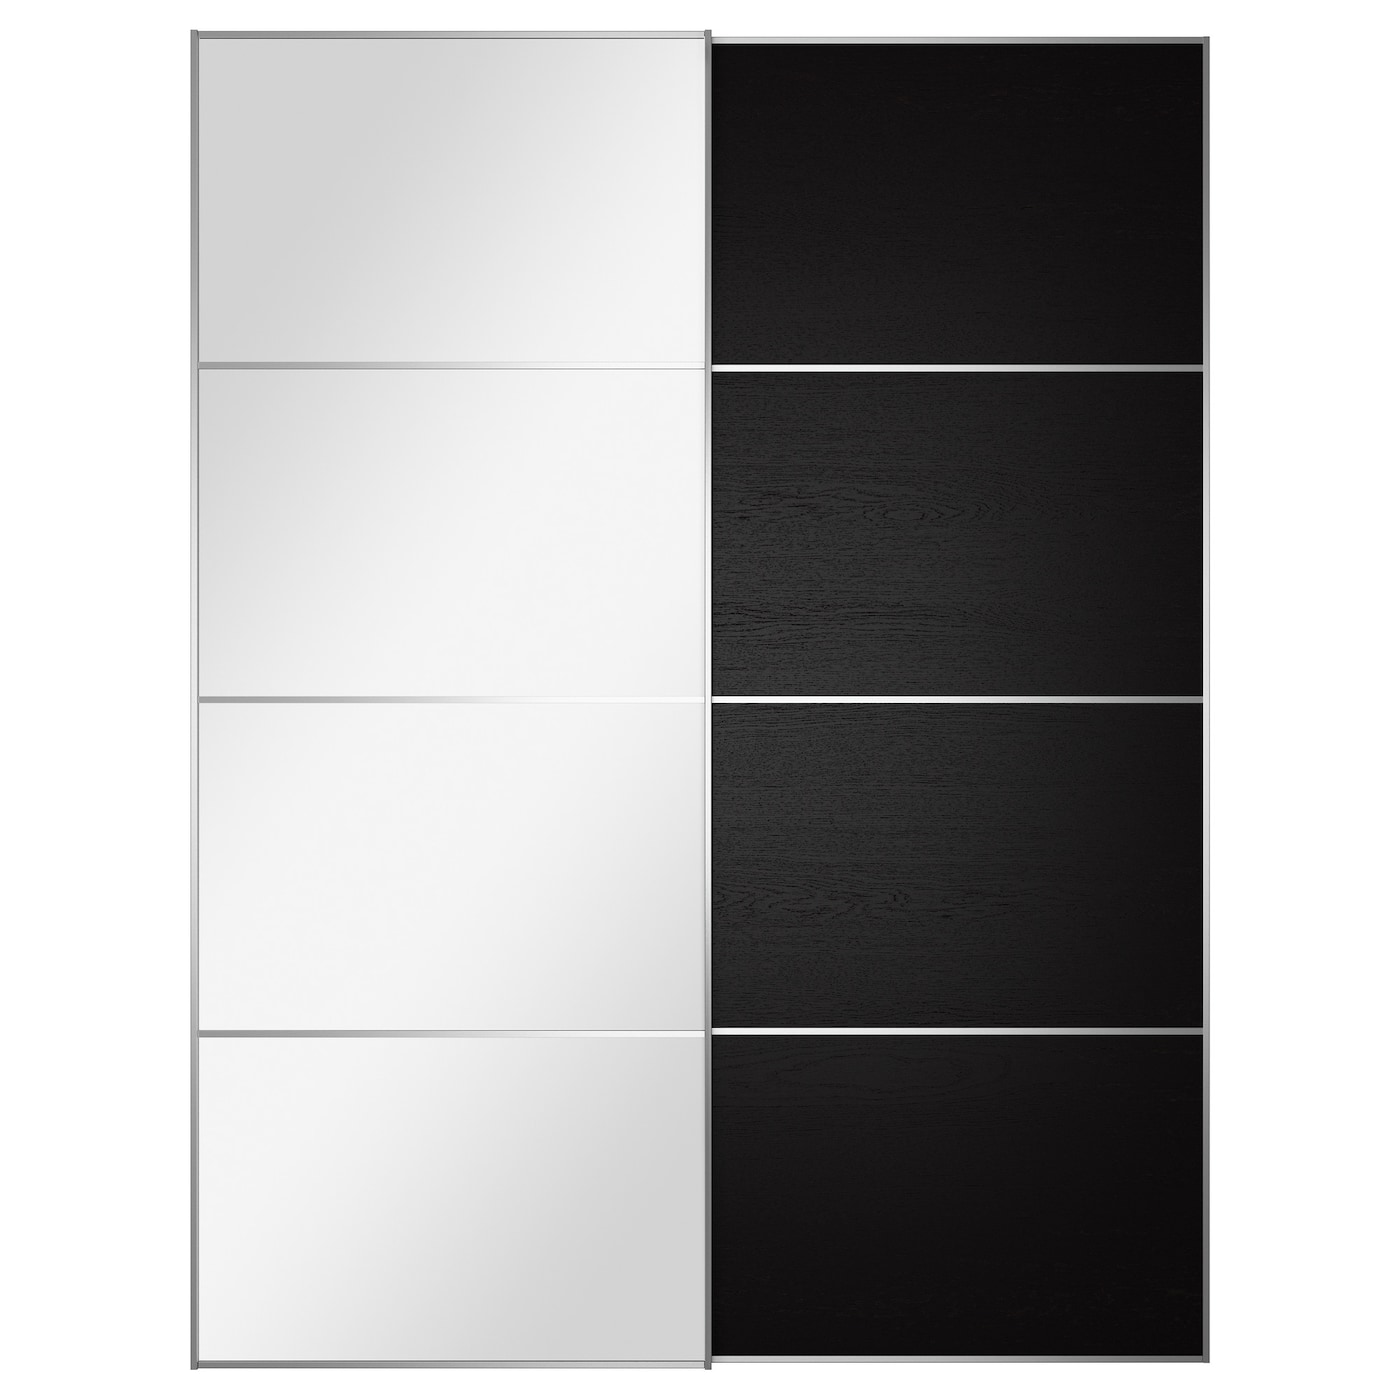 Portes Coulissantes PAX IKEA - Porte placard coulissante de plus porte intérieure pliante